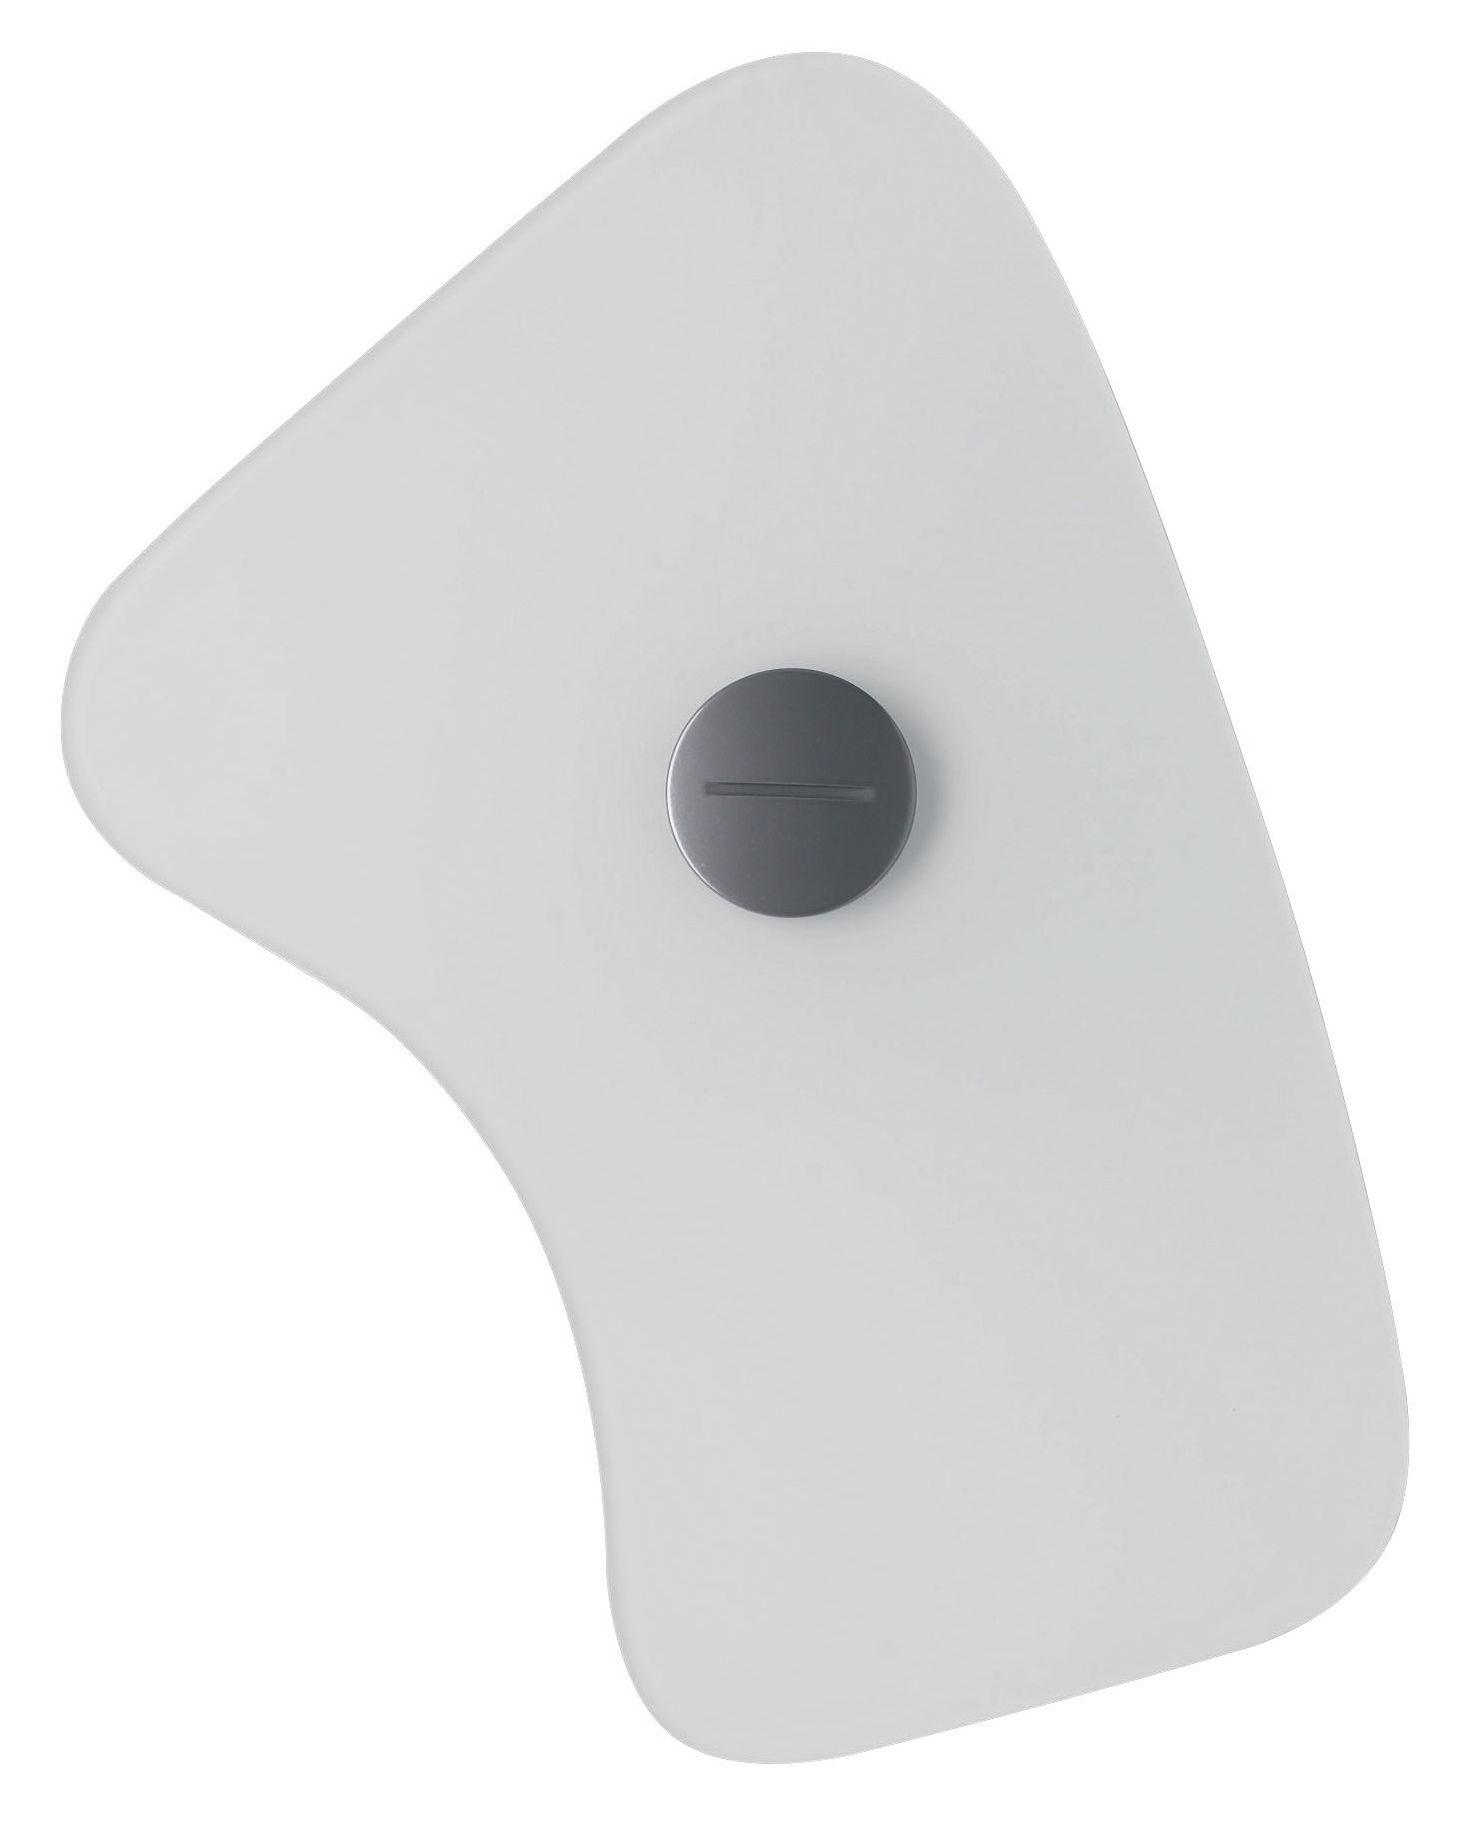 Illuminazione - Lampade da parete - Applique con presa Bit 5 di Foscarini - Bianco - Metallo, Vetro